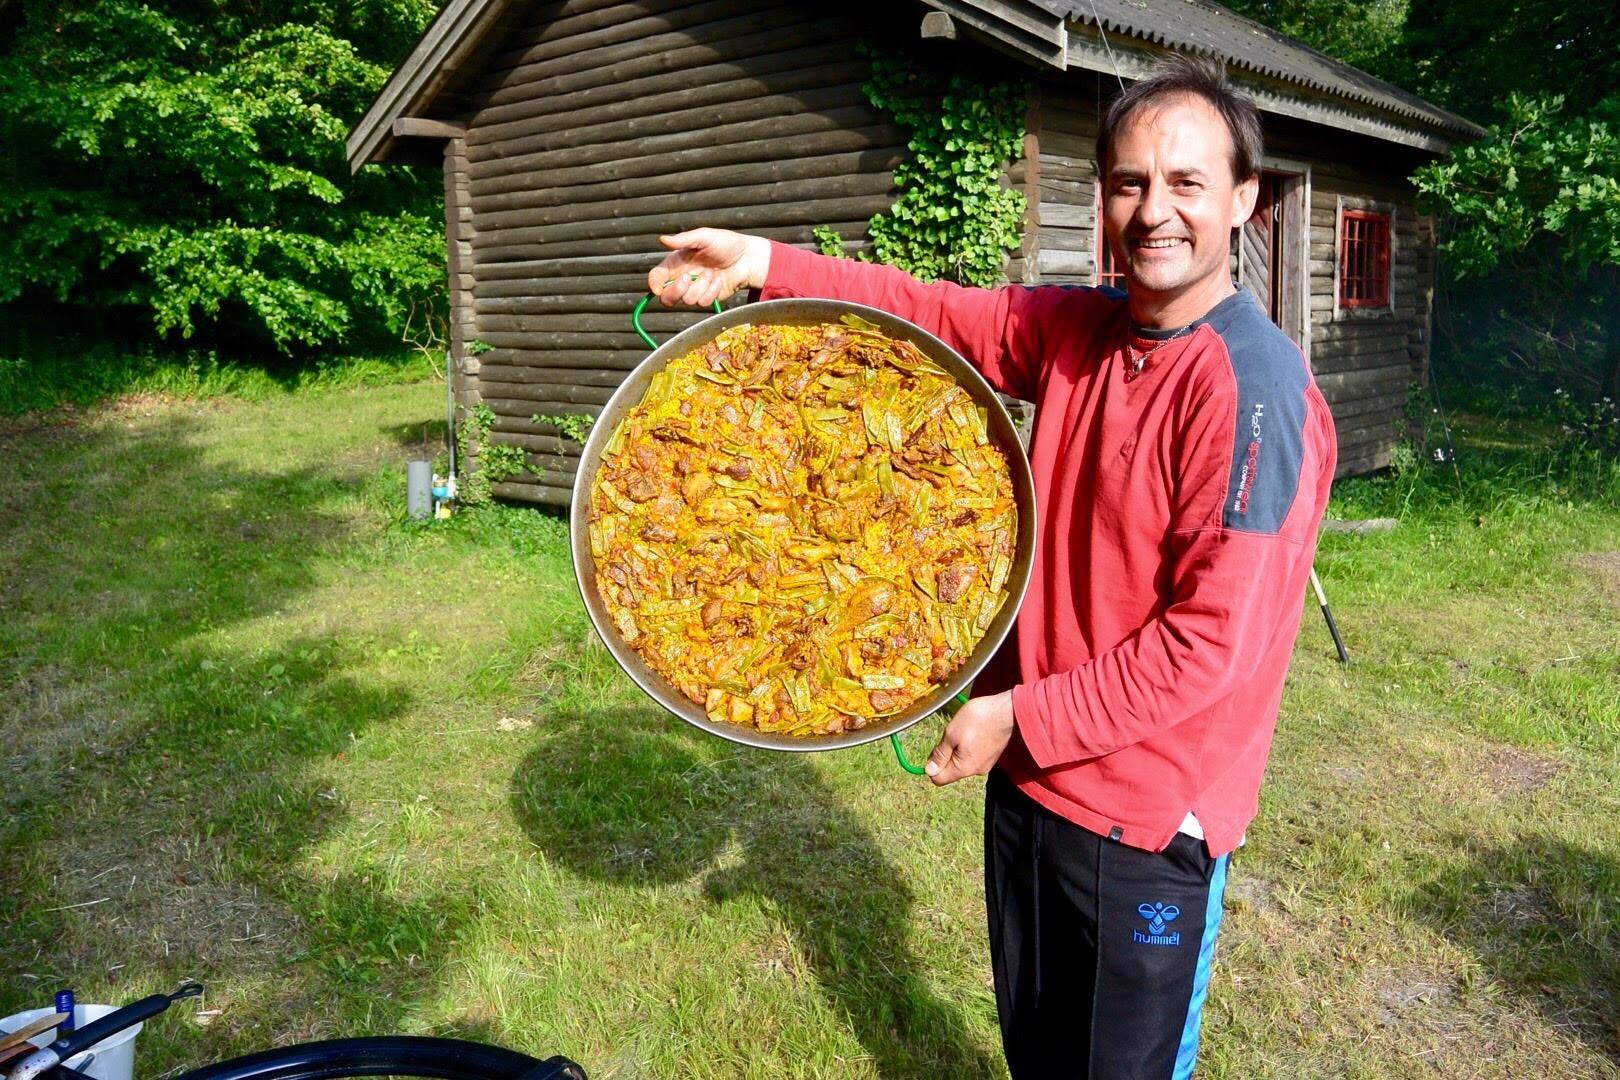 Luis (kokken) i fuld gang med den spanske mad (tapas, paella), som vi skulle hygge os med inden det gik helt i fisk!